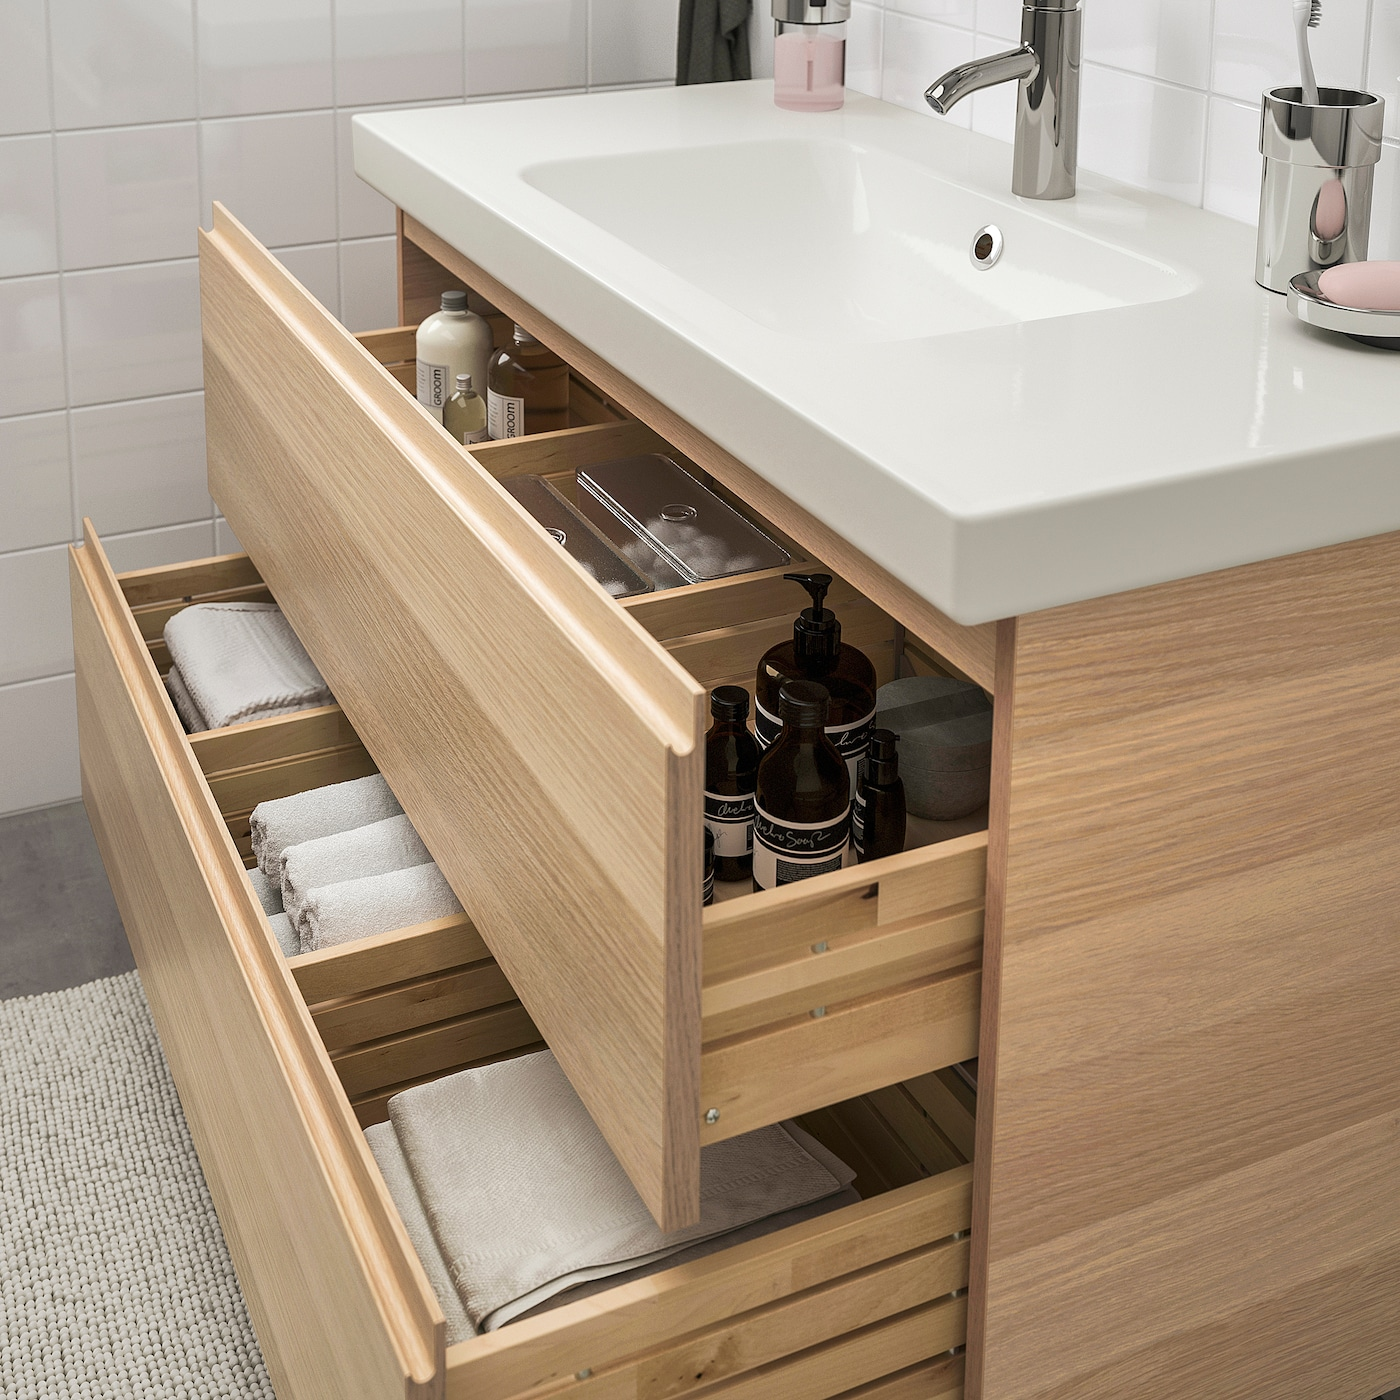 GODMORGON / ODENSVIK Mobilier salle de bain, 17 pièces - effet chêne  blanchi, Dalskär mitigeur lavabo 17 cm